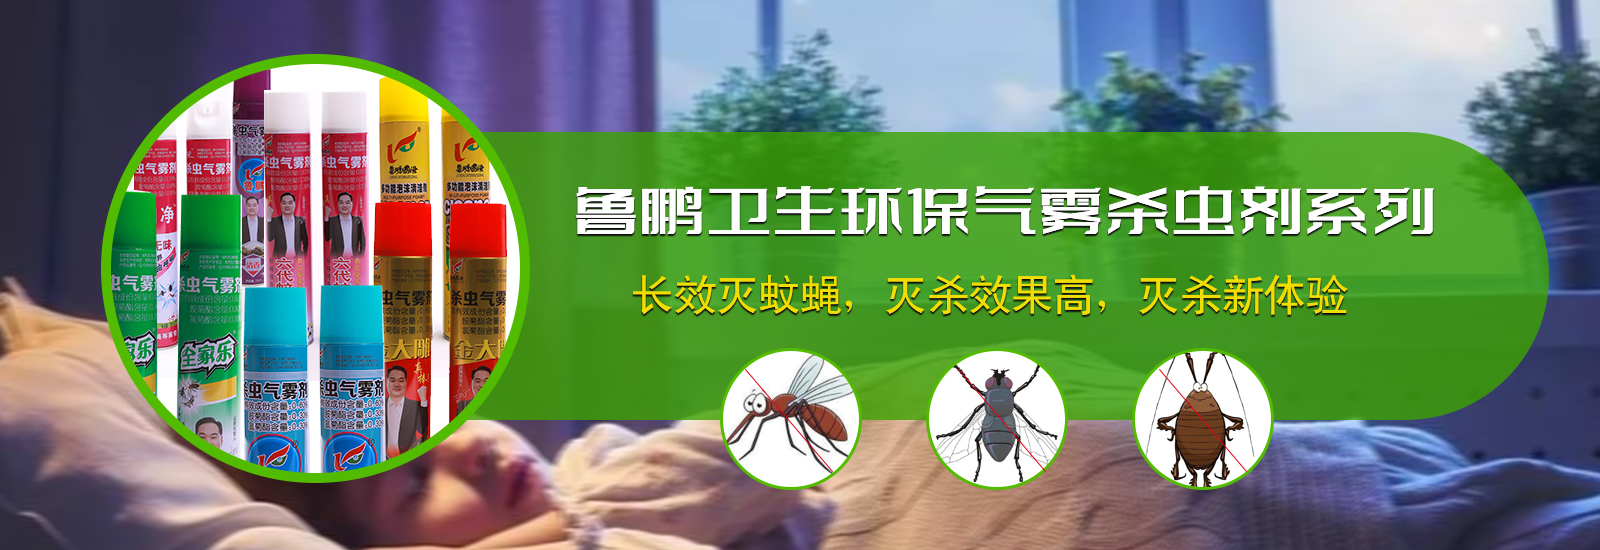 家用殺蟲劑